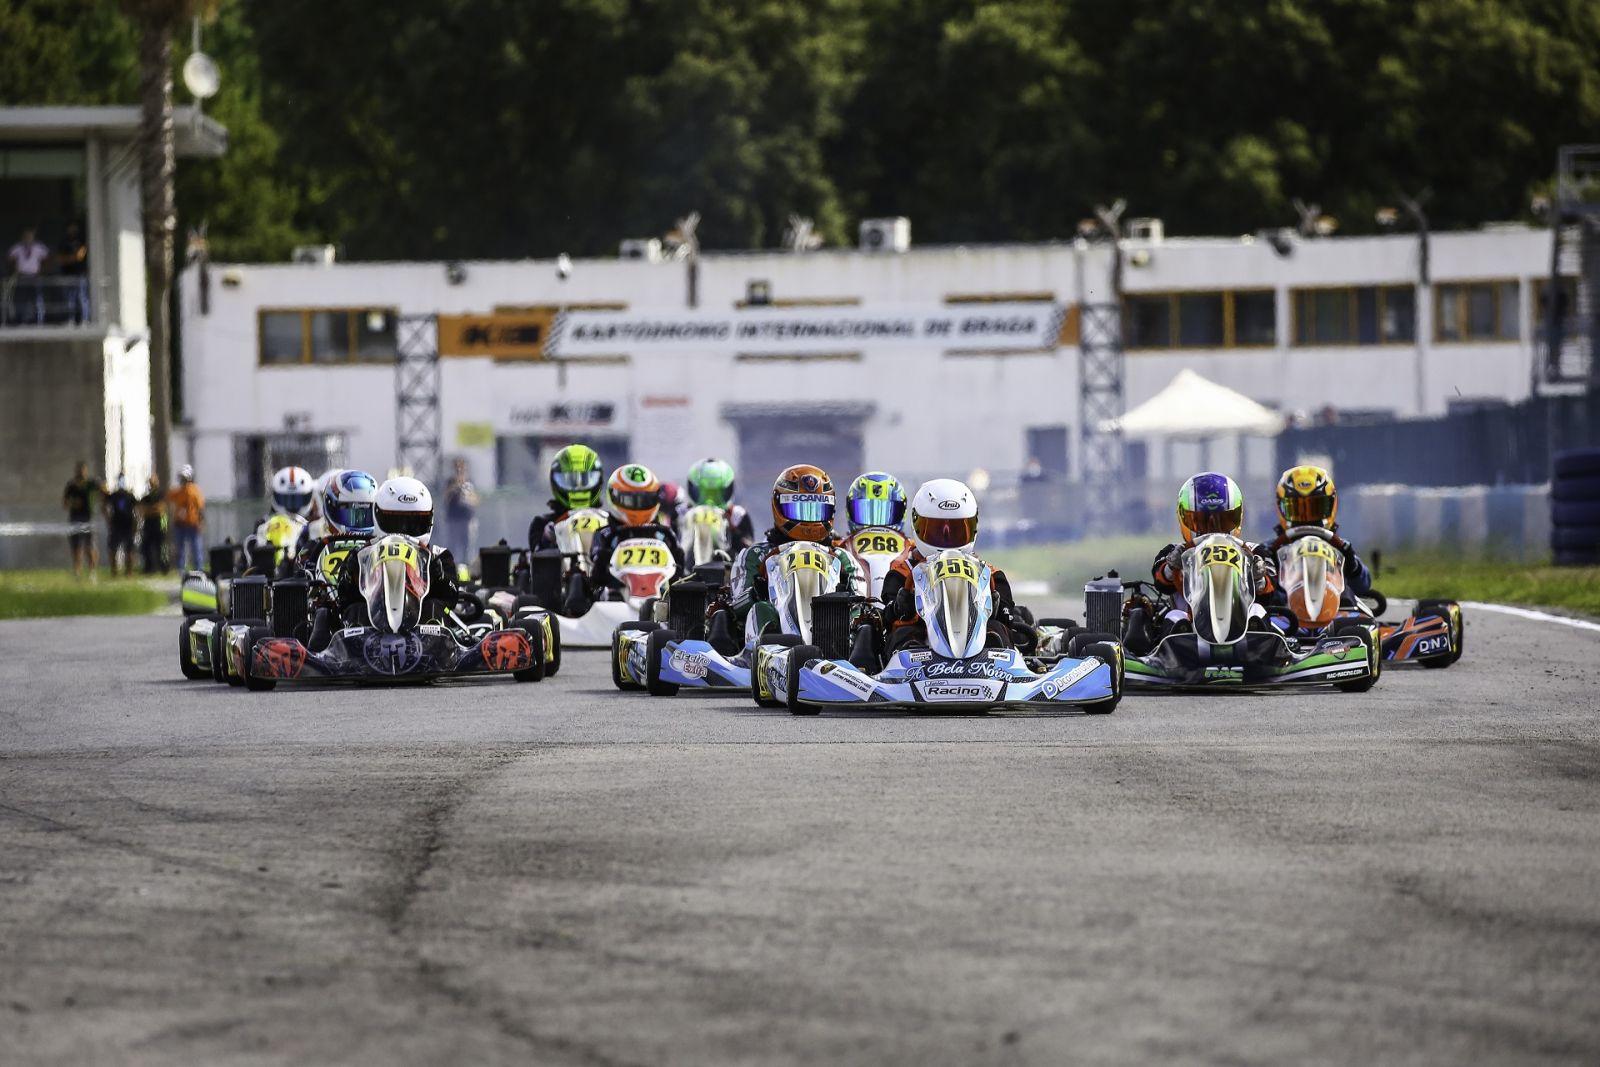 La primera cita del año para los pilotos españoles en Braga